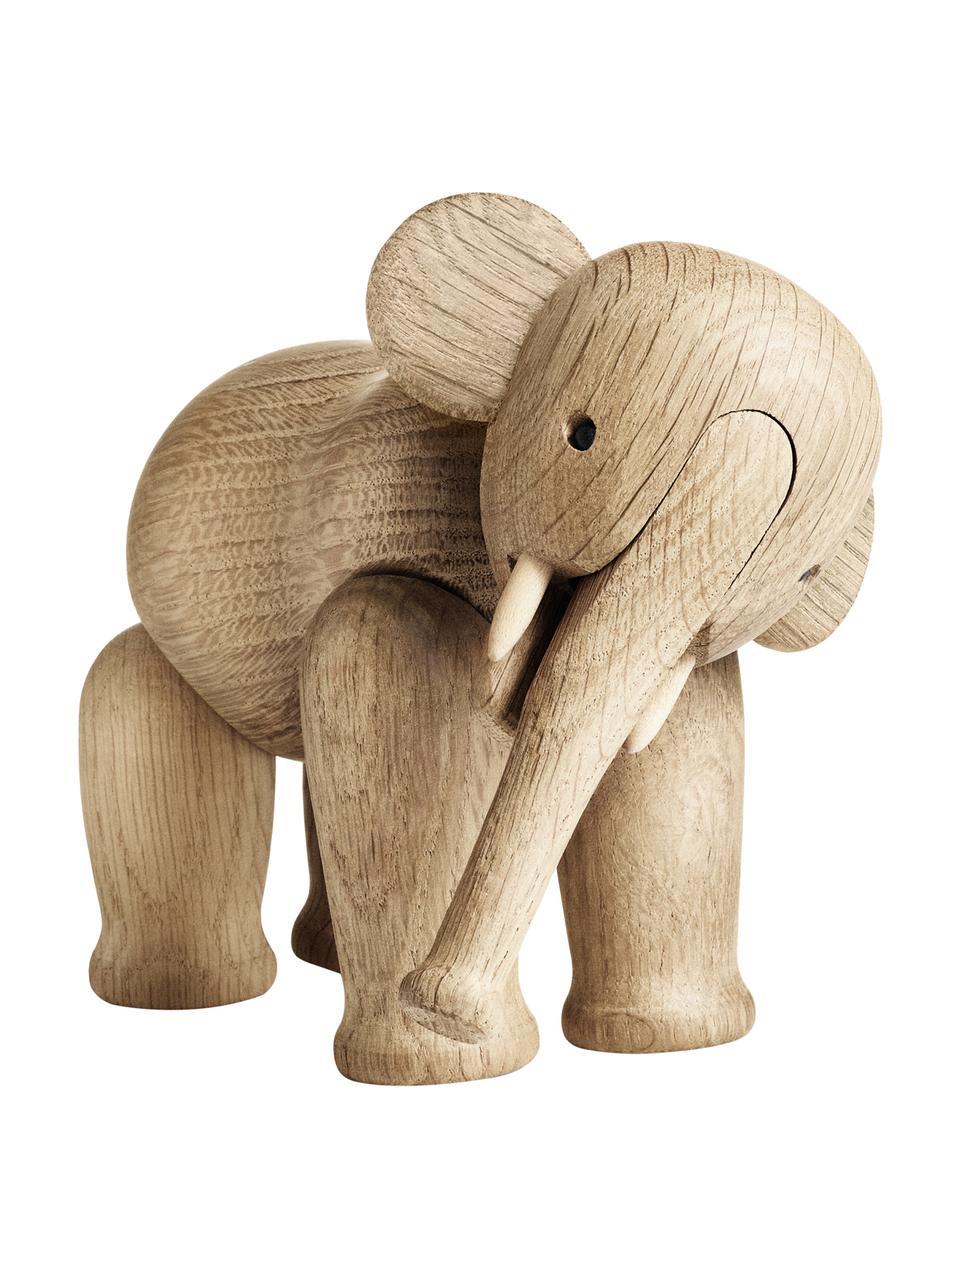 Oggetto decorativo di design Elephant, Legno di quercia verniciato, Legno di quercia, Larg. 17 x Alt. 13 cm